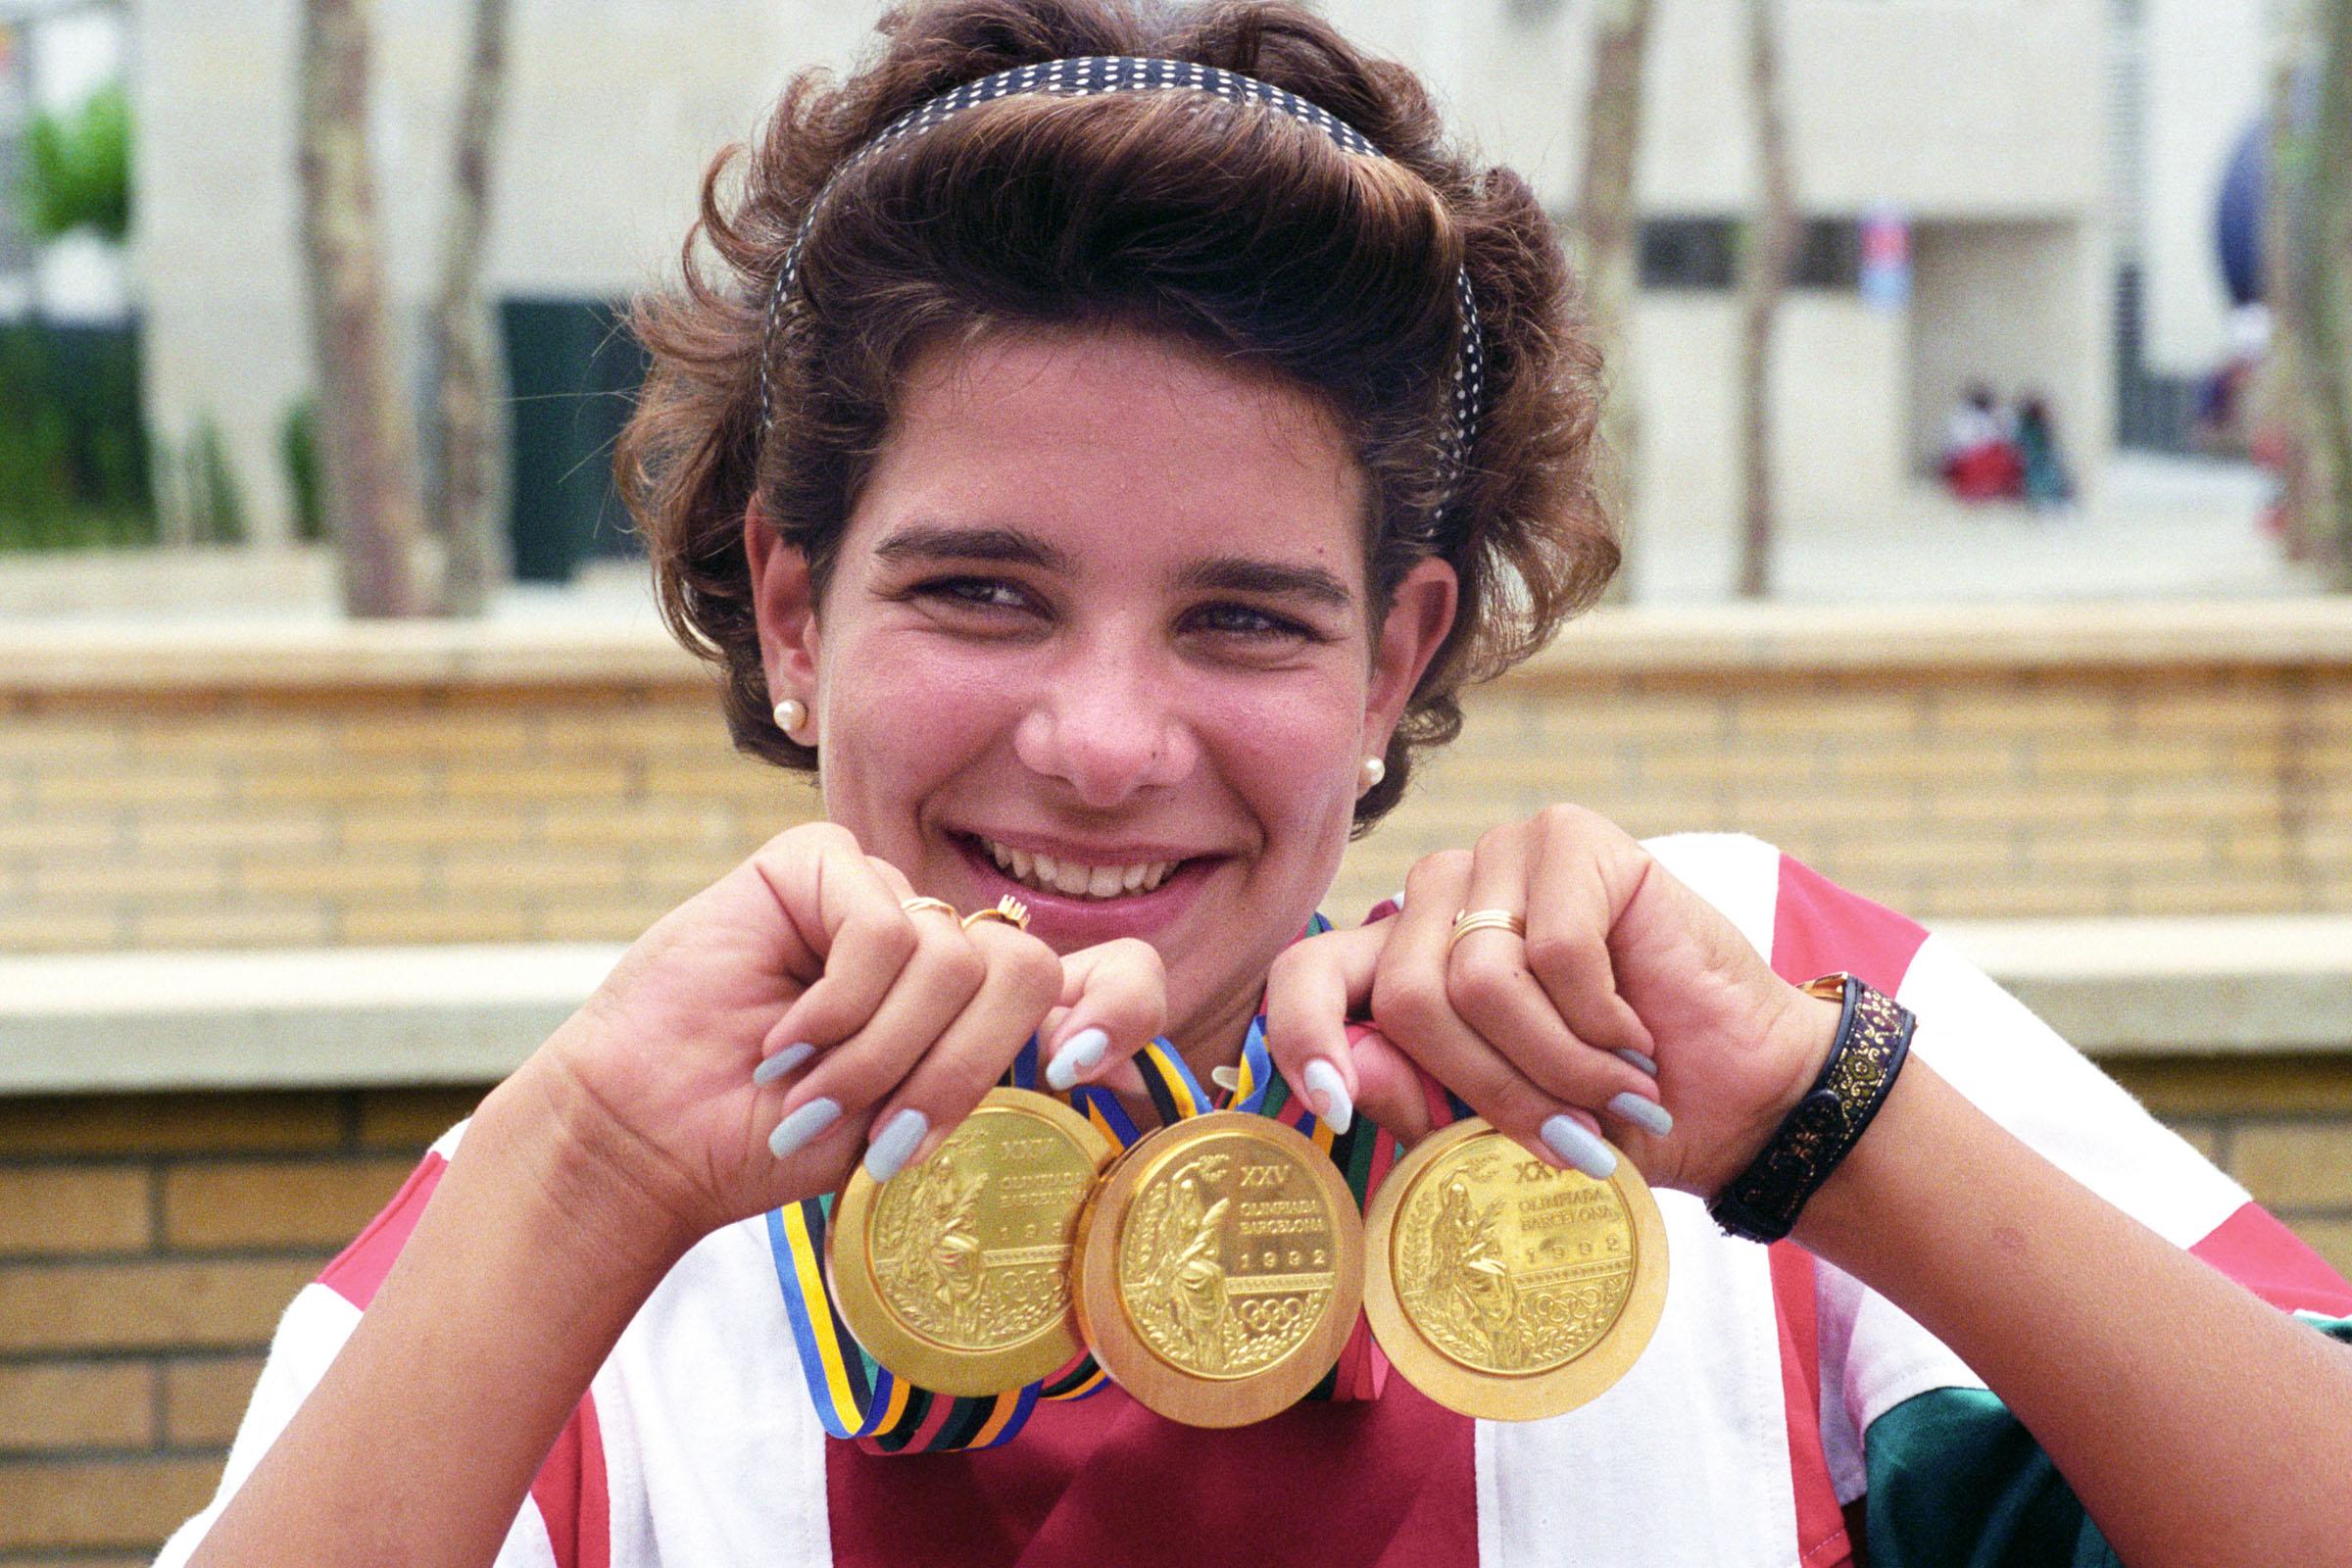 Krisztina Egerszegi 7 Olympic medals